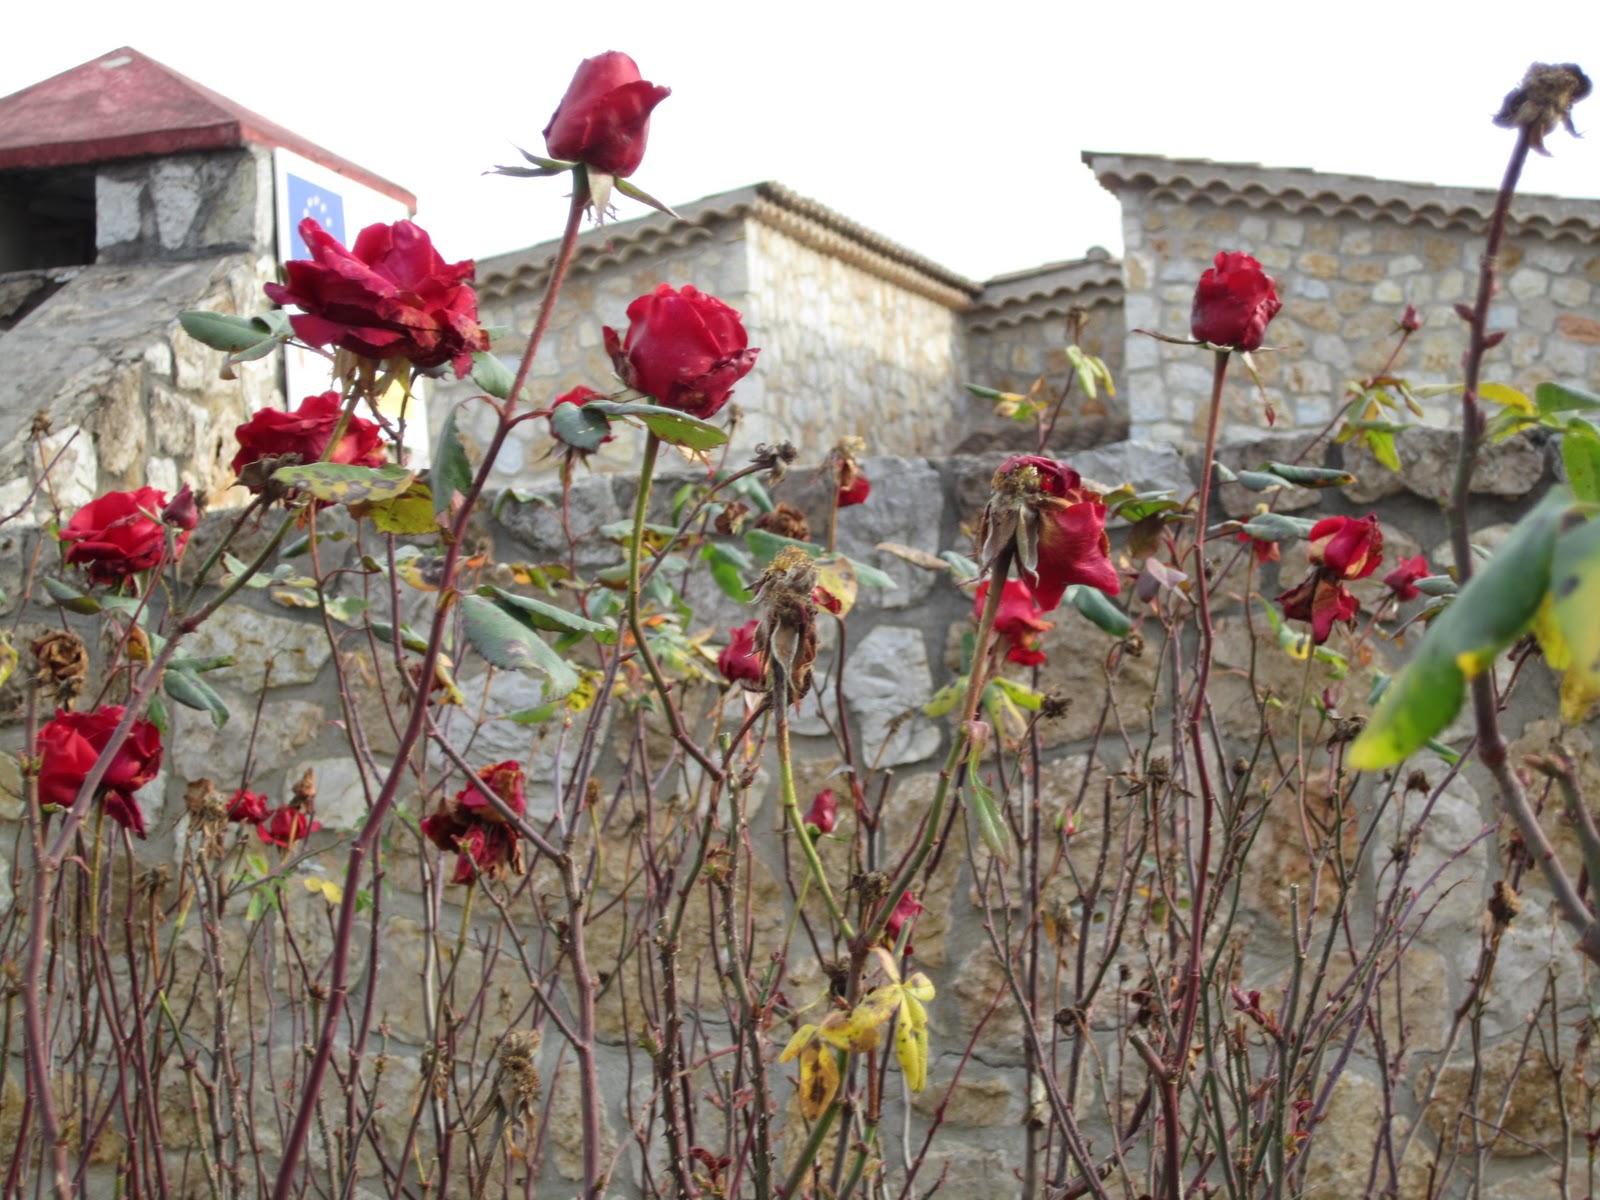 Cuentos chinos noviembre 2011 for Cancion jardin de rosas